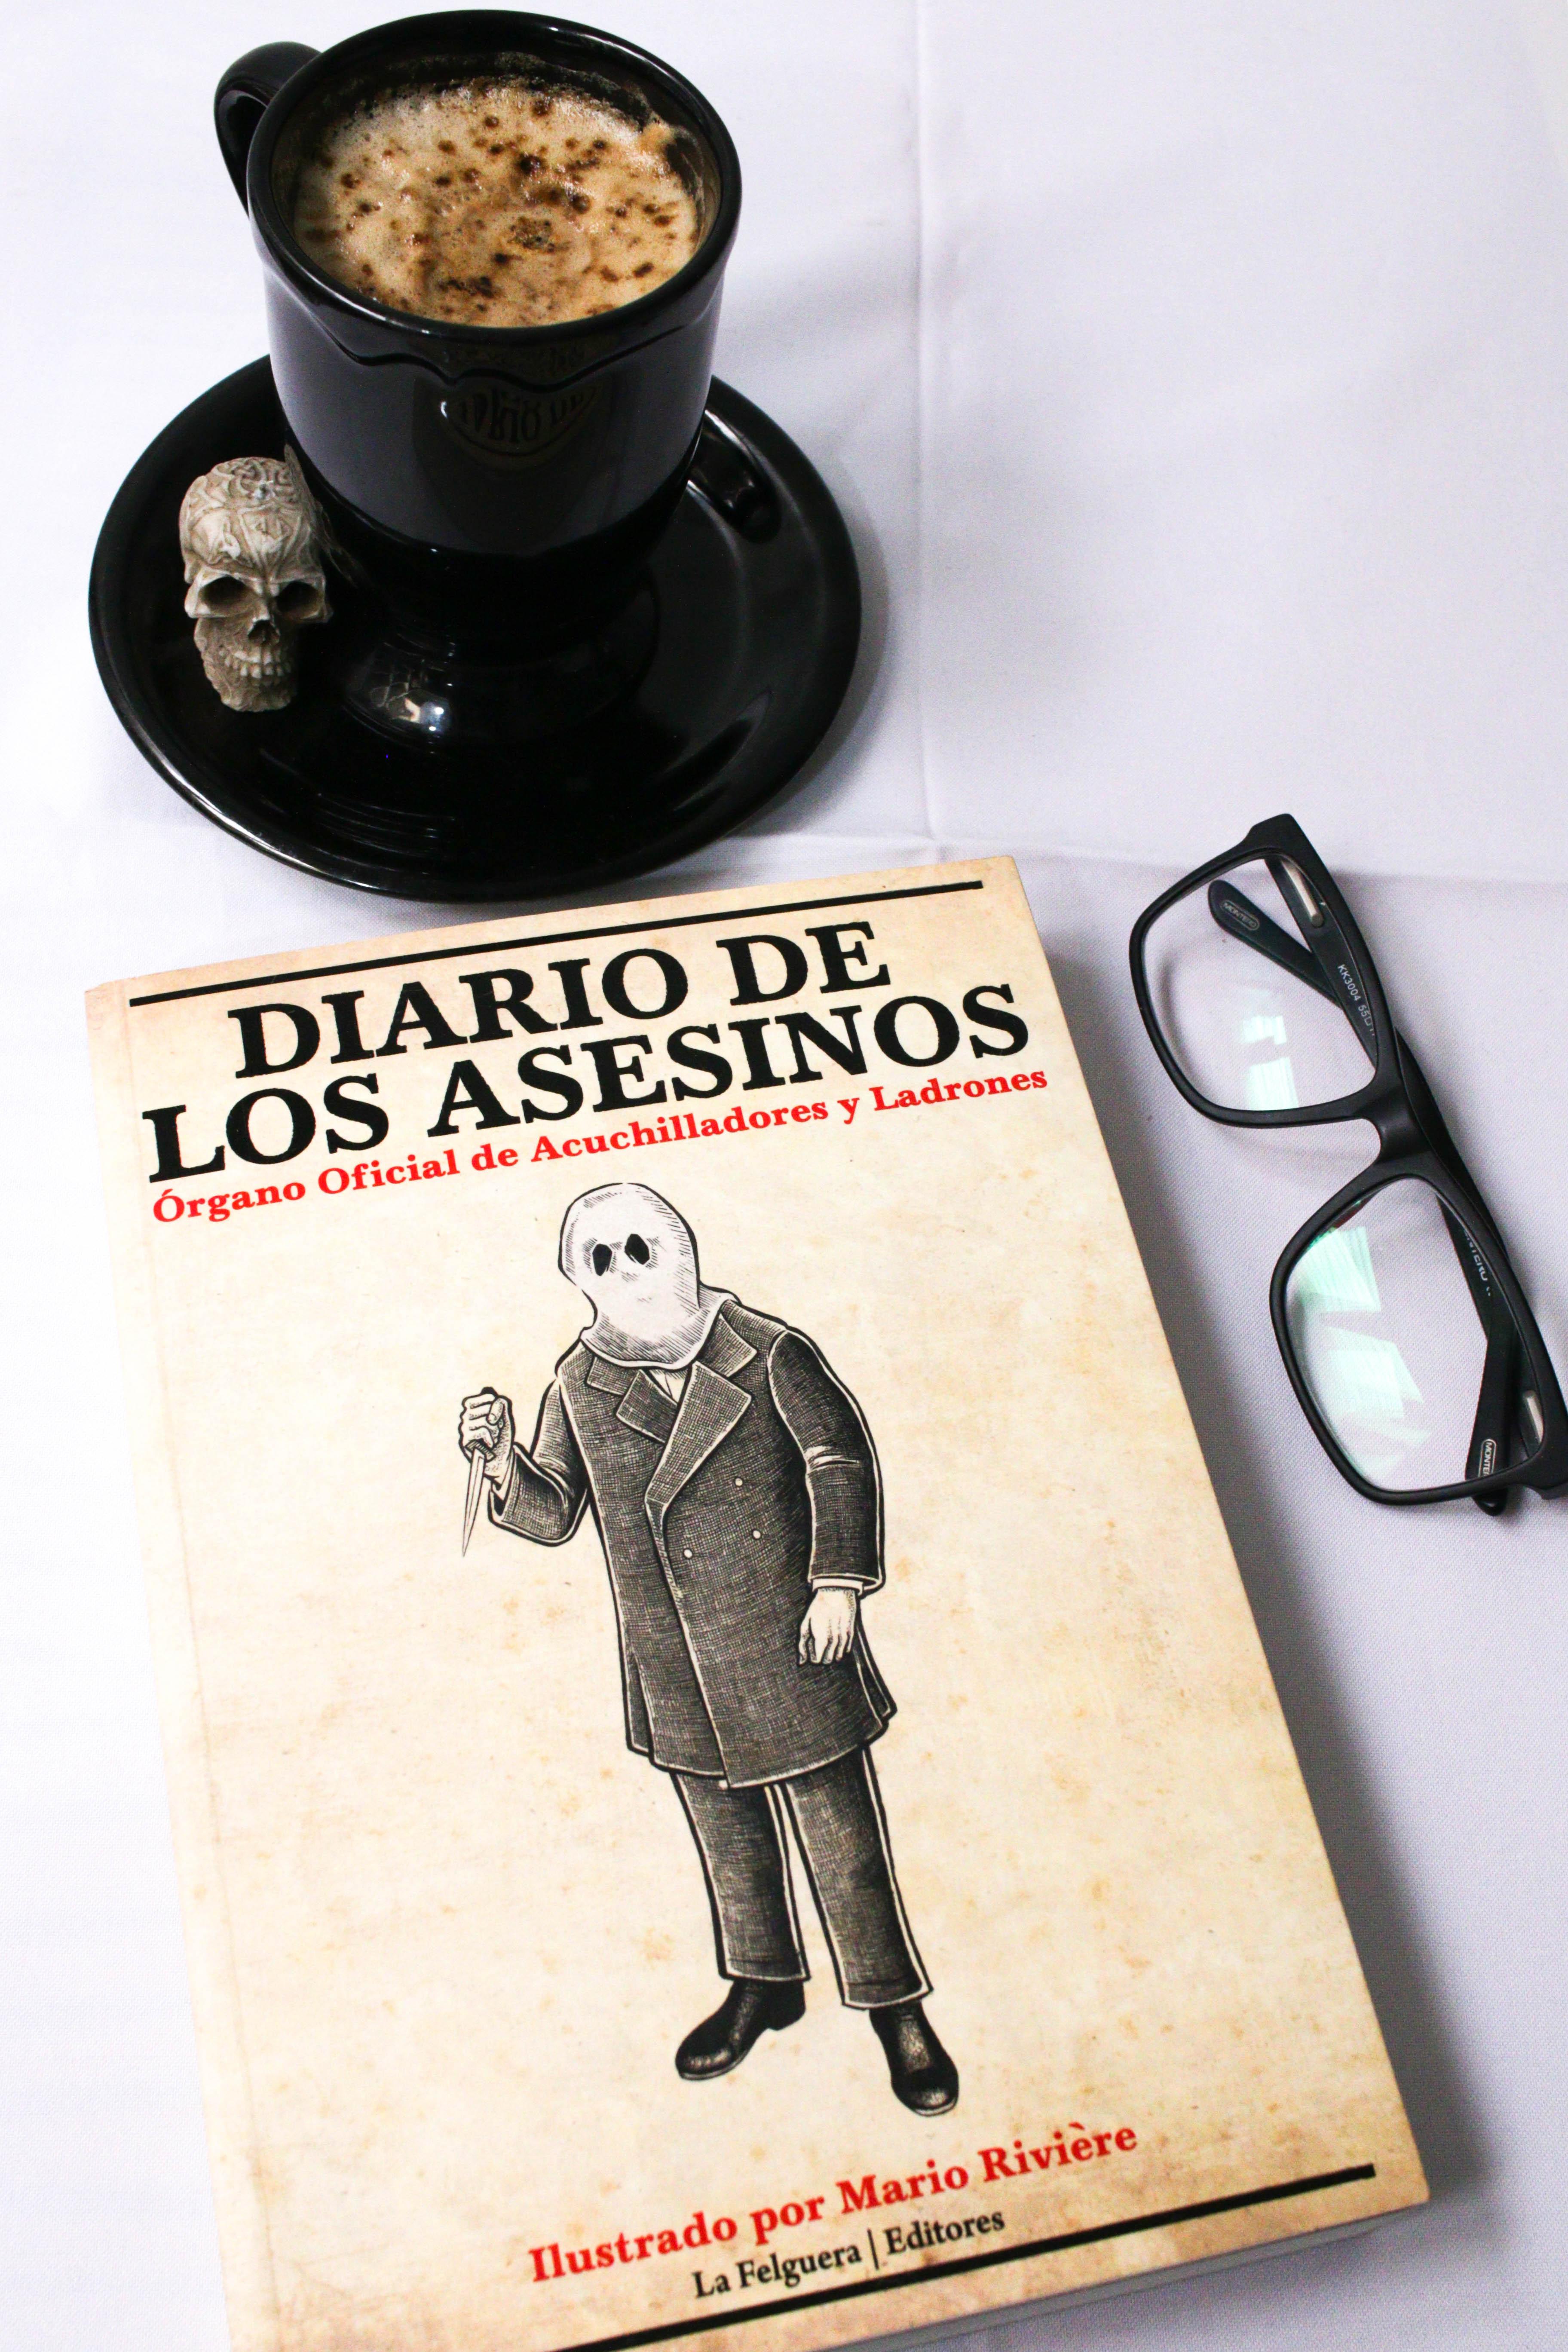 Diario de los Asesinos